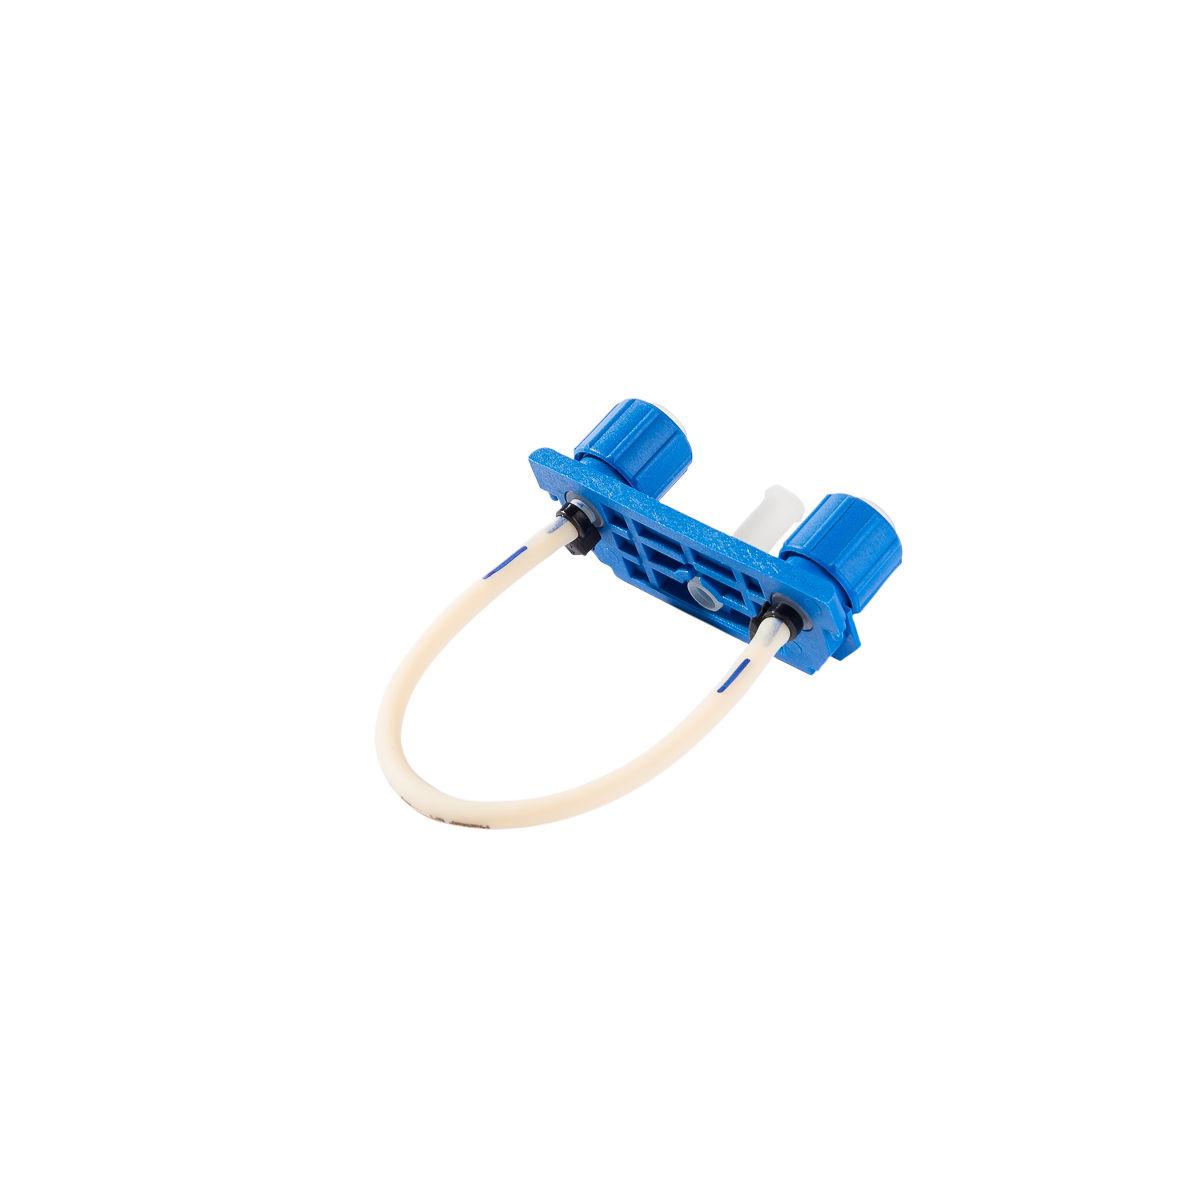 Dosierleistungskit 15-150ml/h -blau-